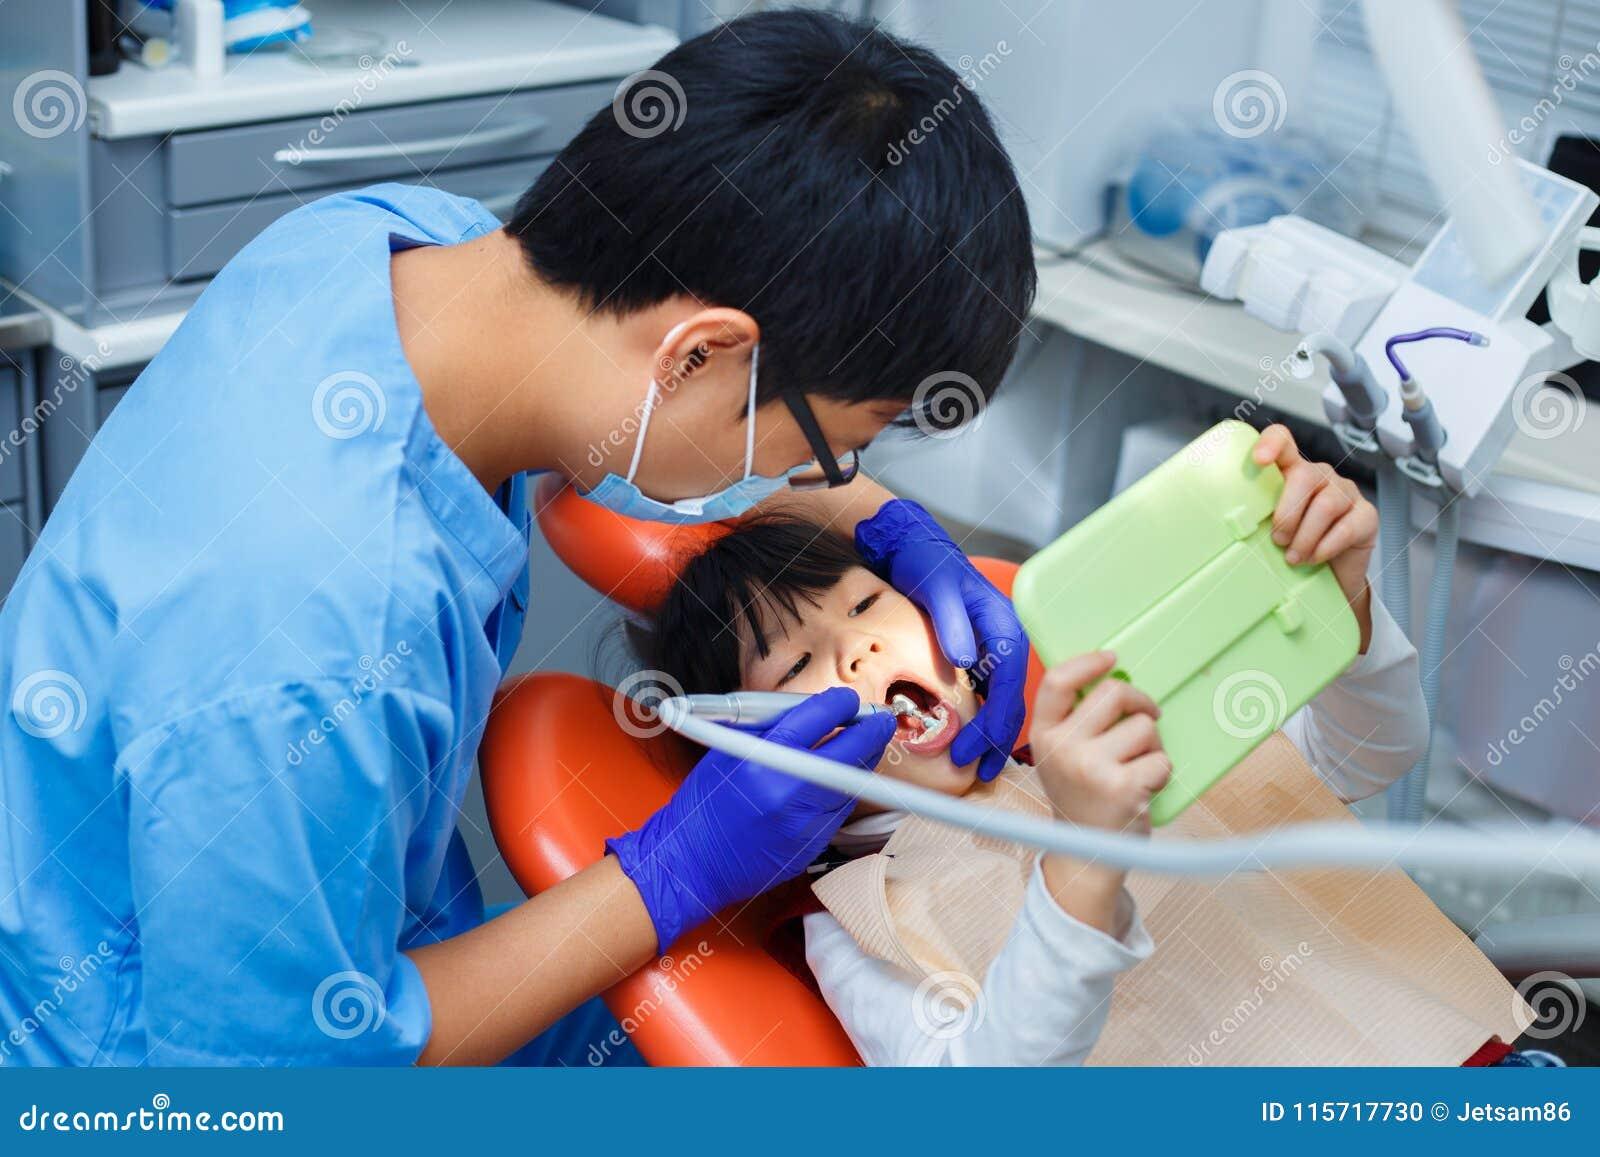 Παιδιατρική οδοντιατρική, οδοντιατρική πρόληψης, προφορική έννοια υγιεινής